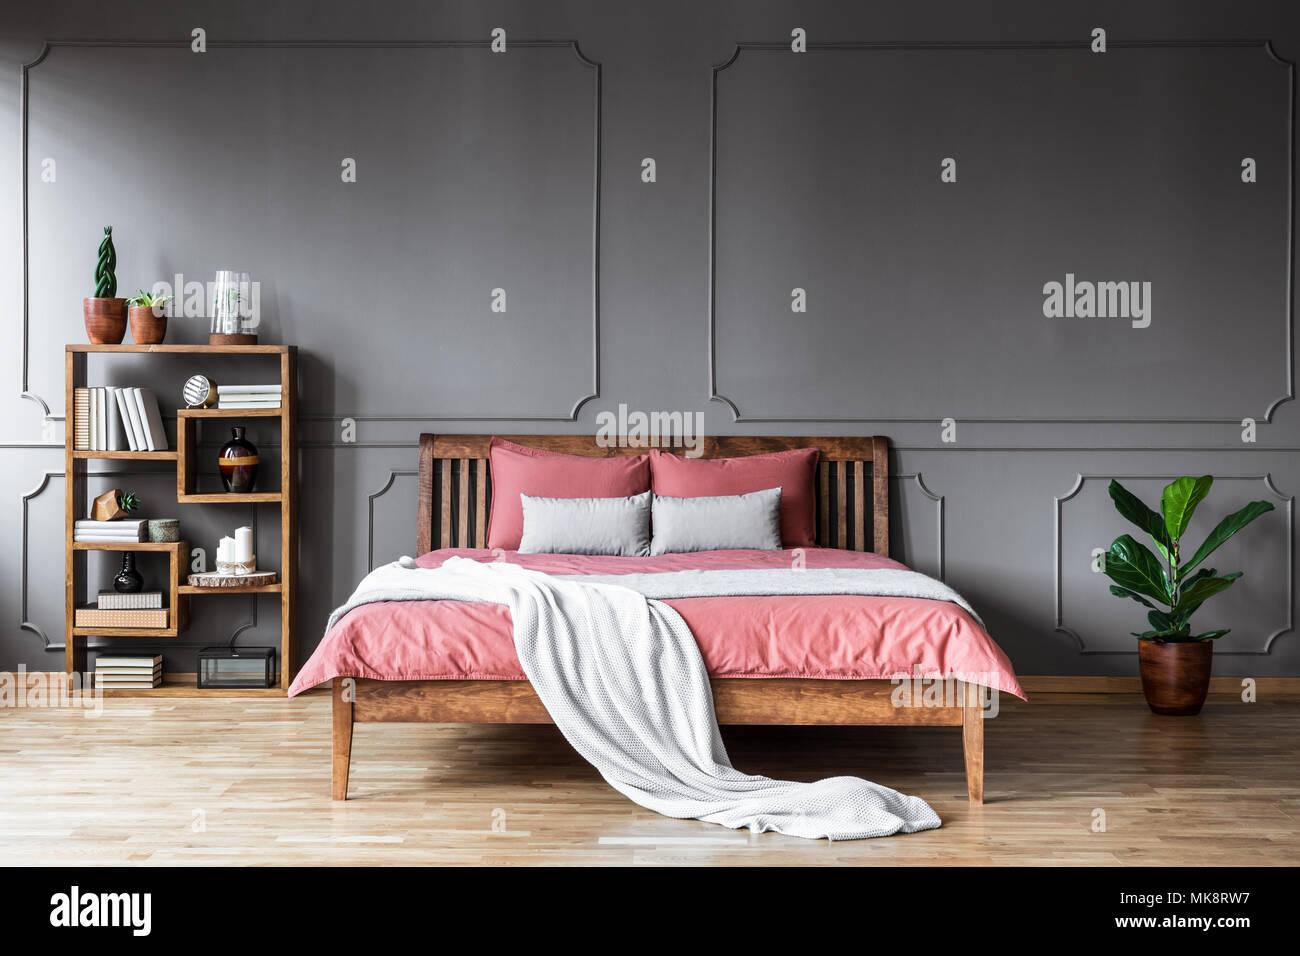 Helle Decke Auf Rosa Bettwasche Aus Holz Bett In Grau Schlafzimmer